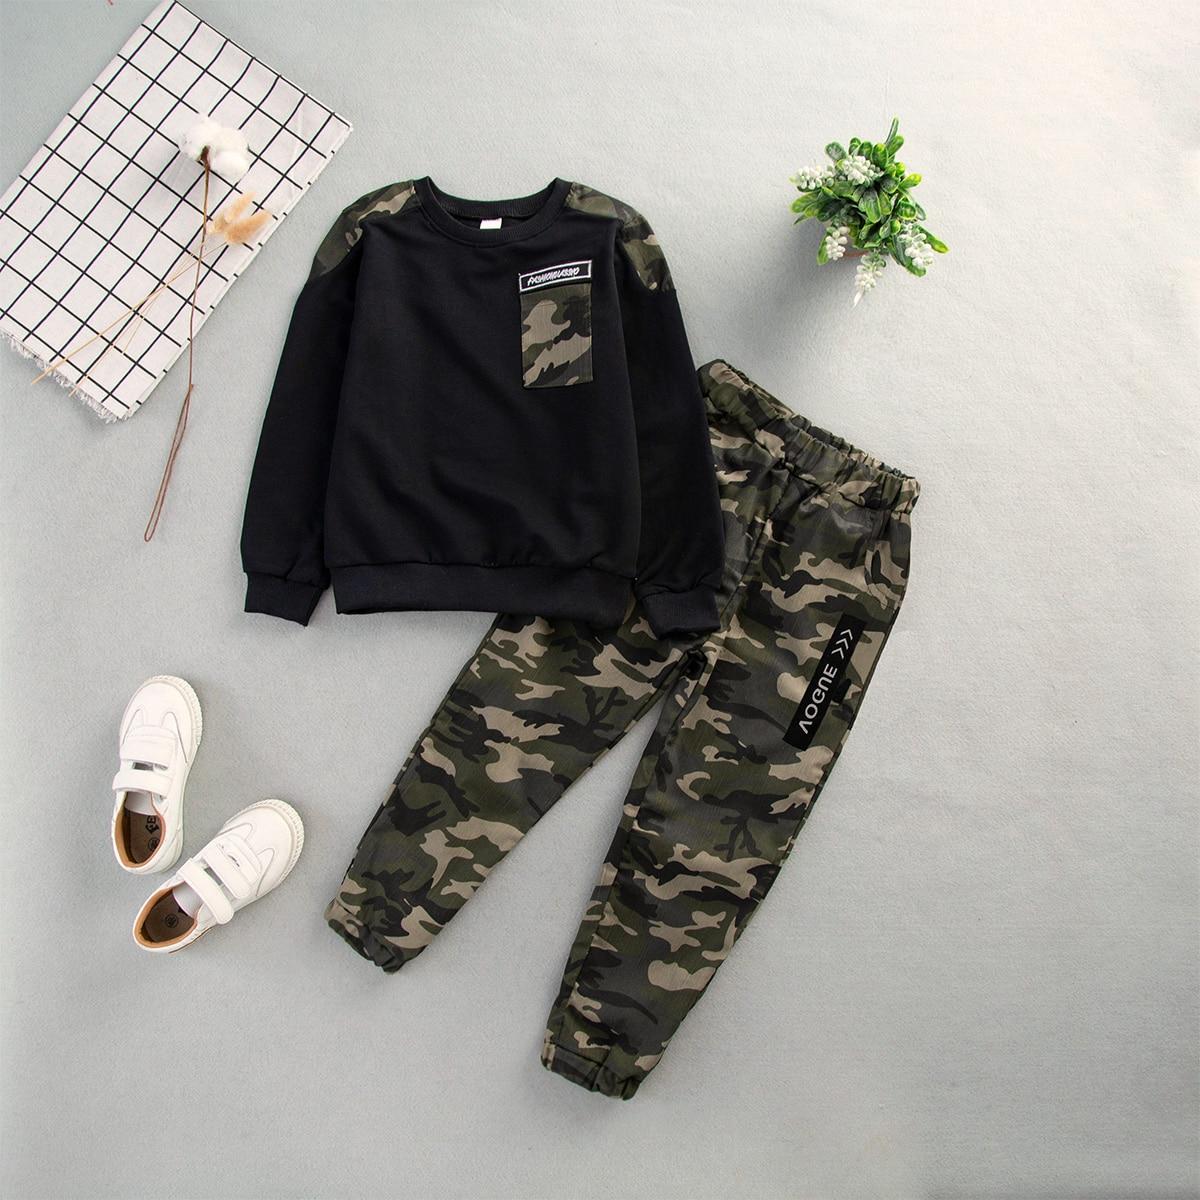 Свитшот с текстовой заплатой и камуфляжным принтом и камуфляжные брюки с текстовым принтом для младенцев от SHEIN